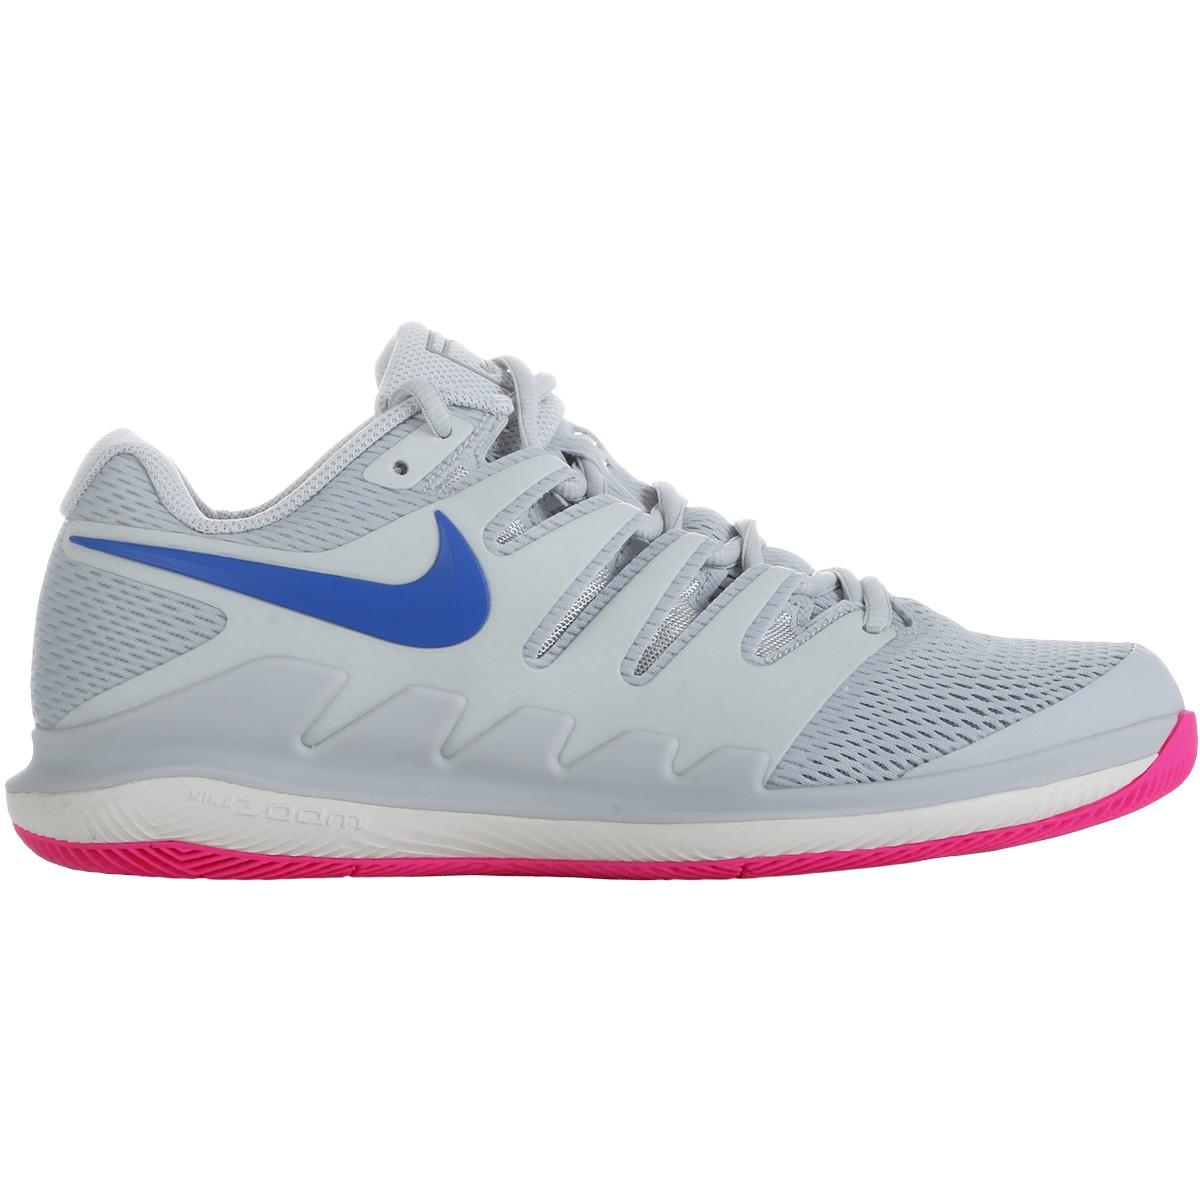 chaussure tennis nike vapor femme